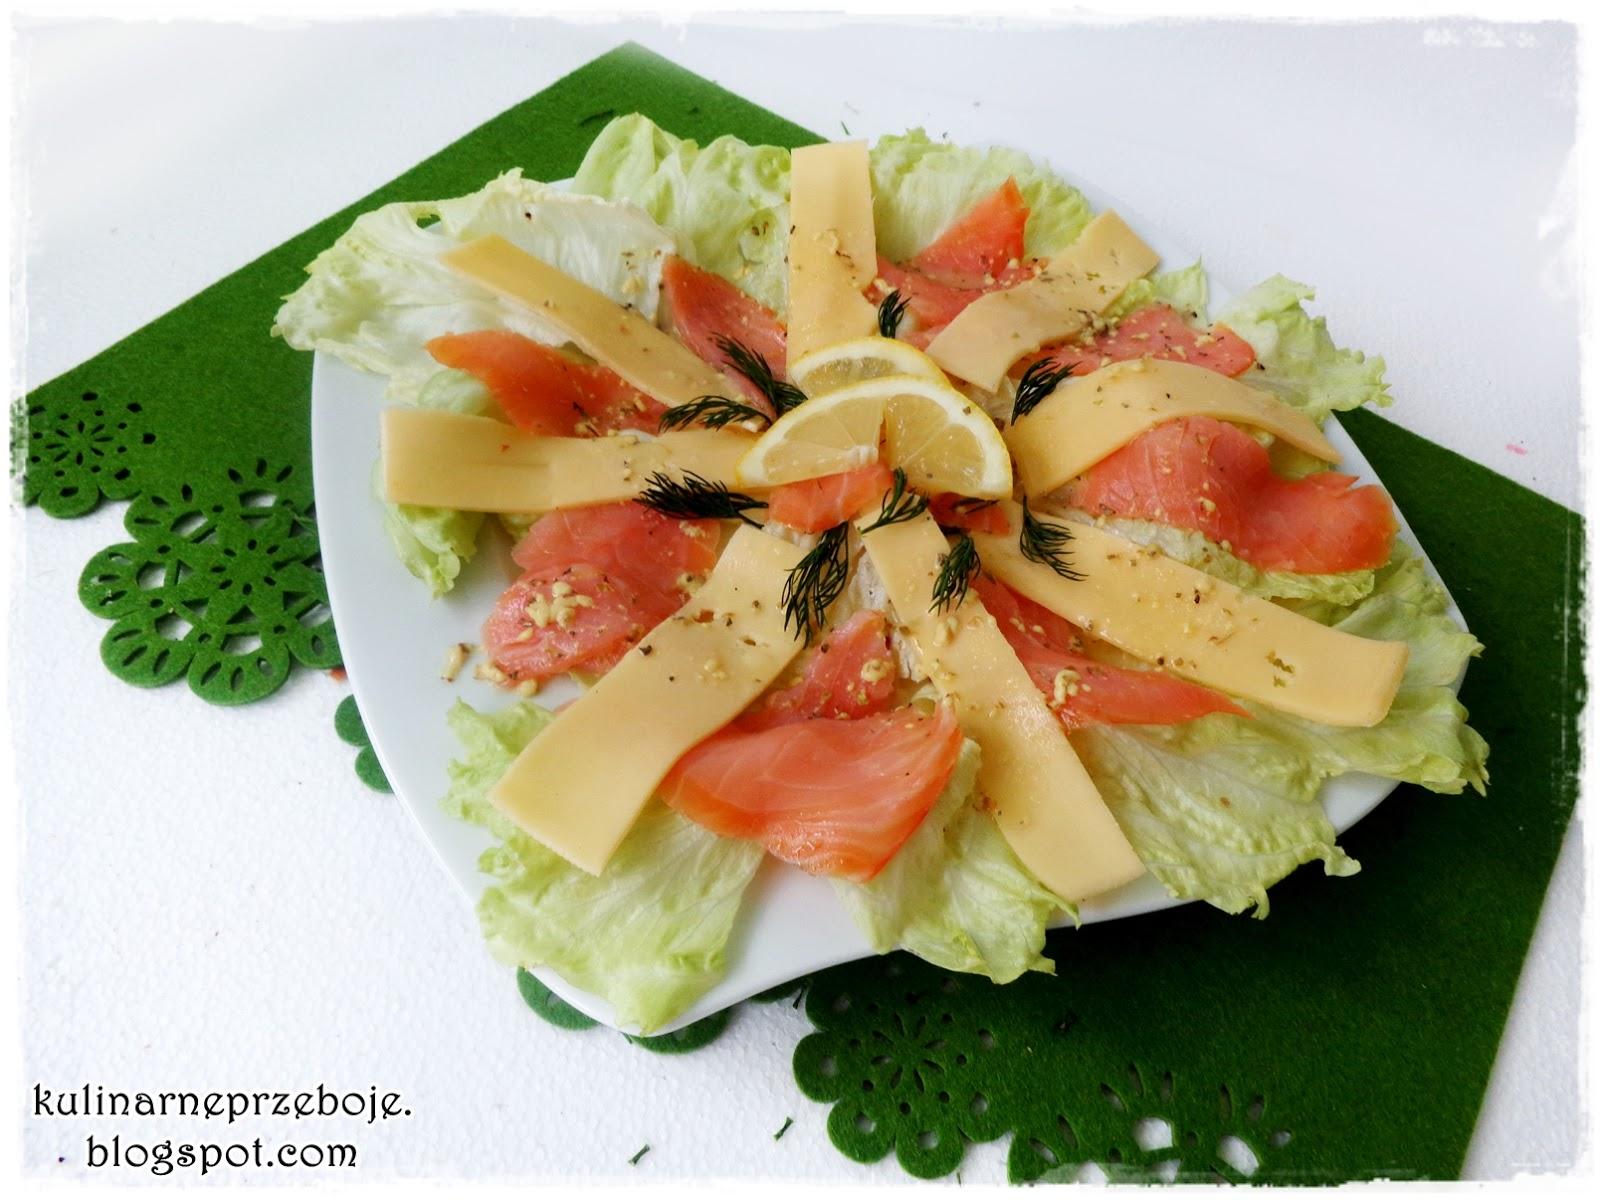 Sałatka z wędzonym łososiem, sałatą lodową i żółtym serem